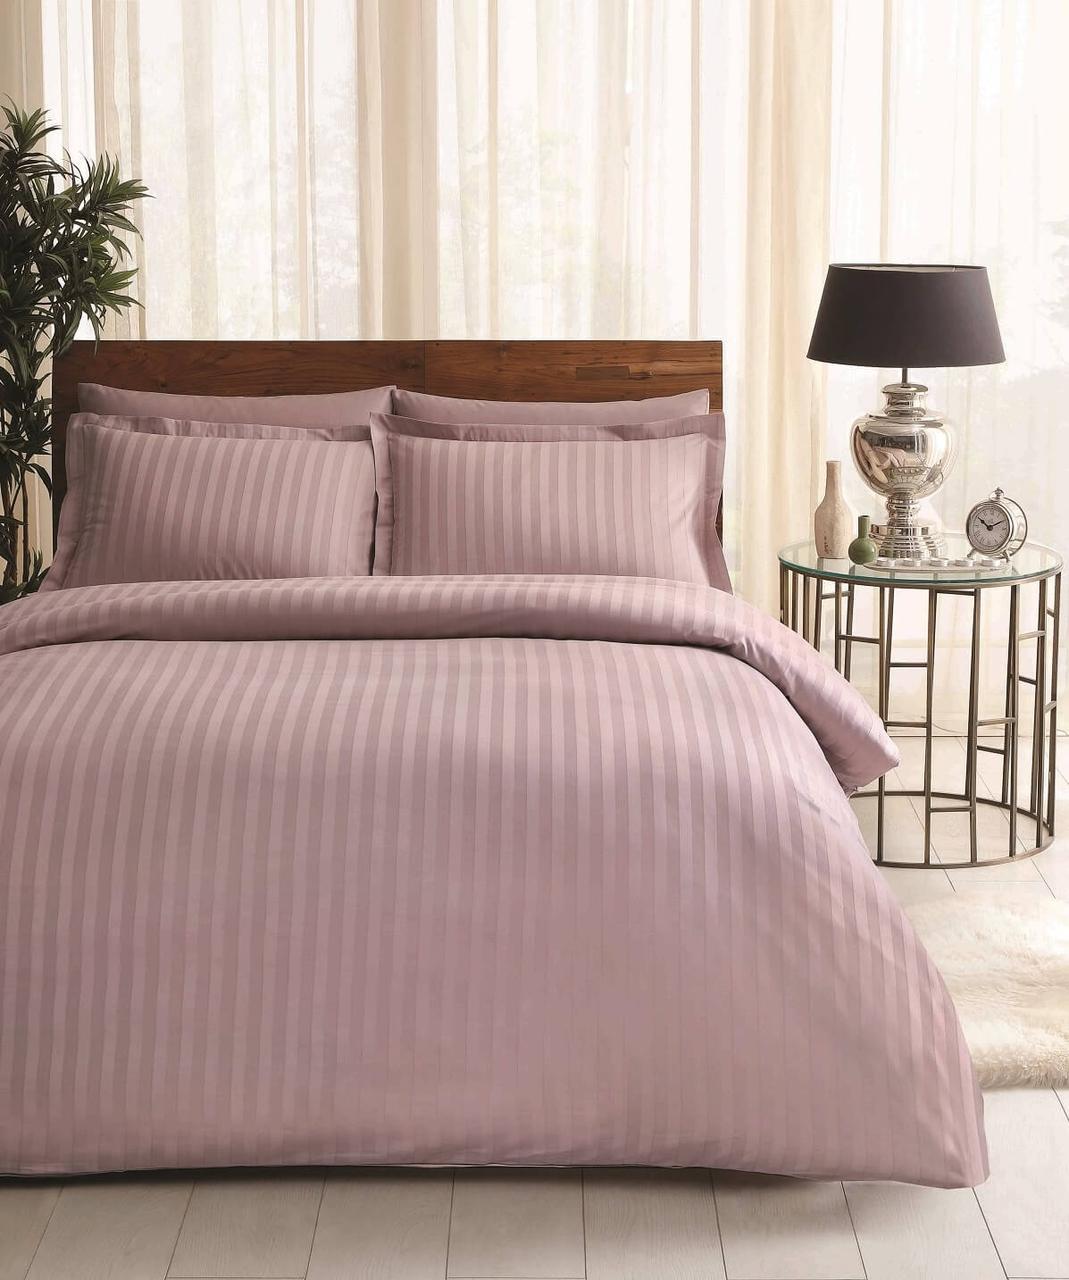 Двуспальное евро постельное белье TAC Place Lilac Сатин-Жаккард